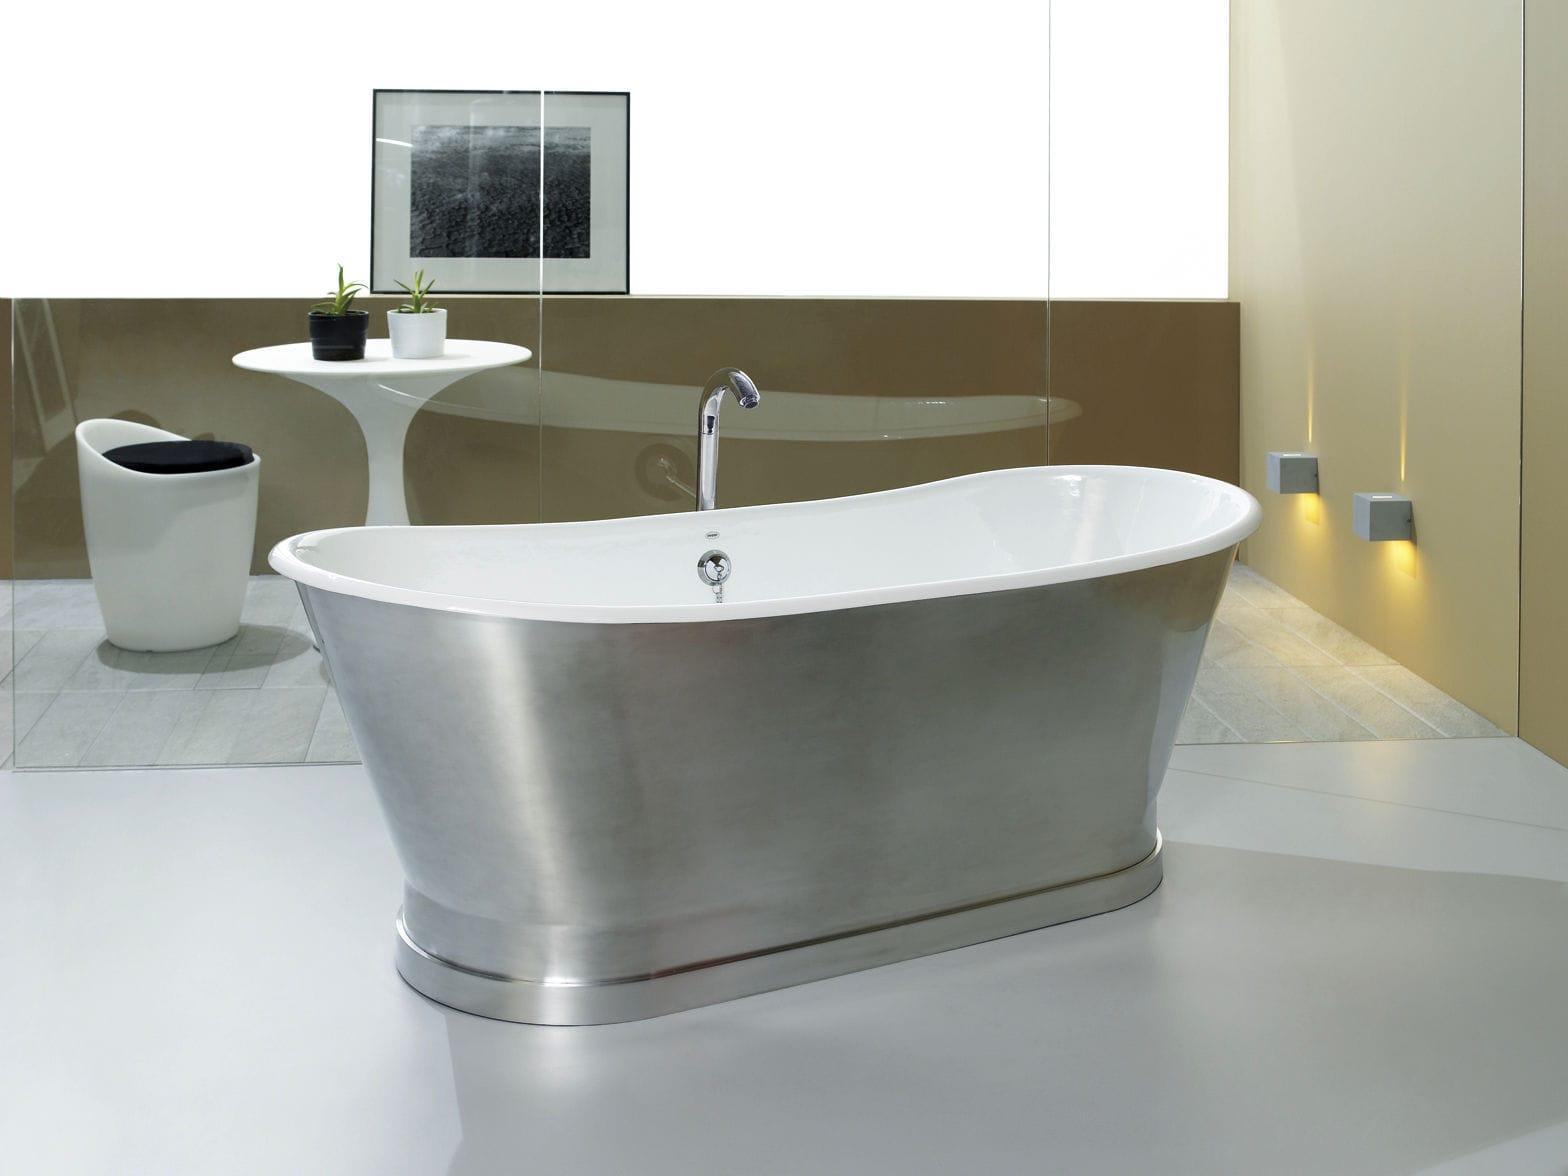 Vasca Da Bagno Ghisa Prezzi : Vasche da bagno prezzi economici. le fasi della vasca da bagno with